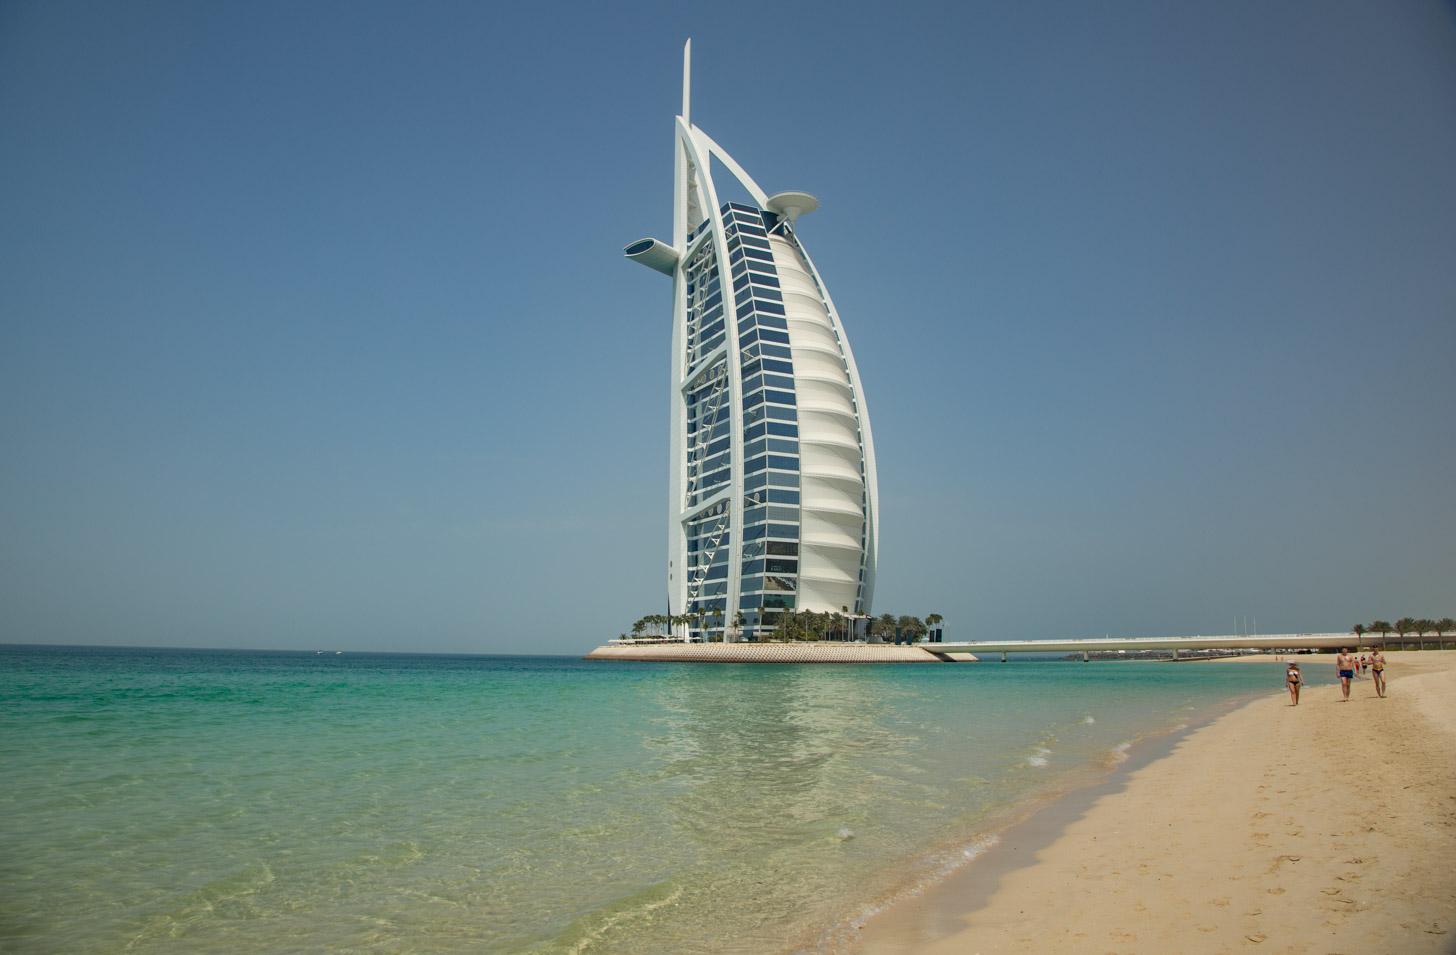 Het prachtige Burj Al Arab hotel